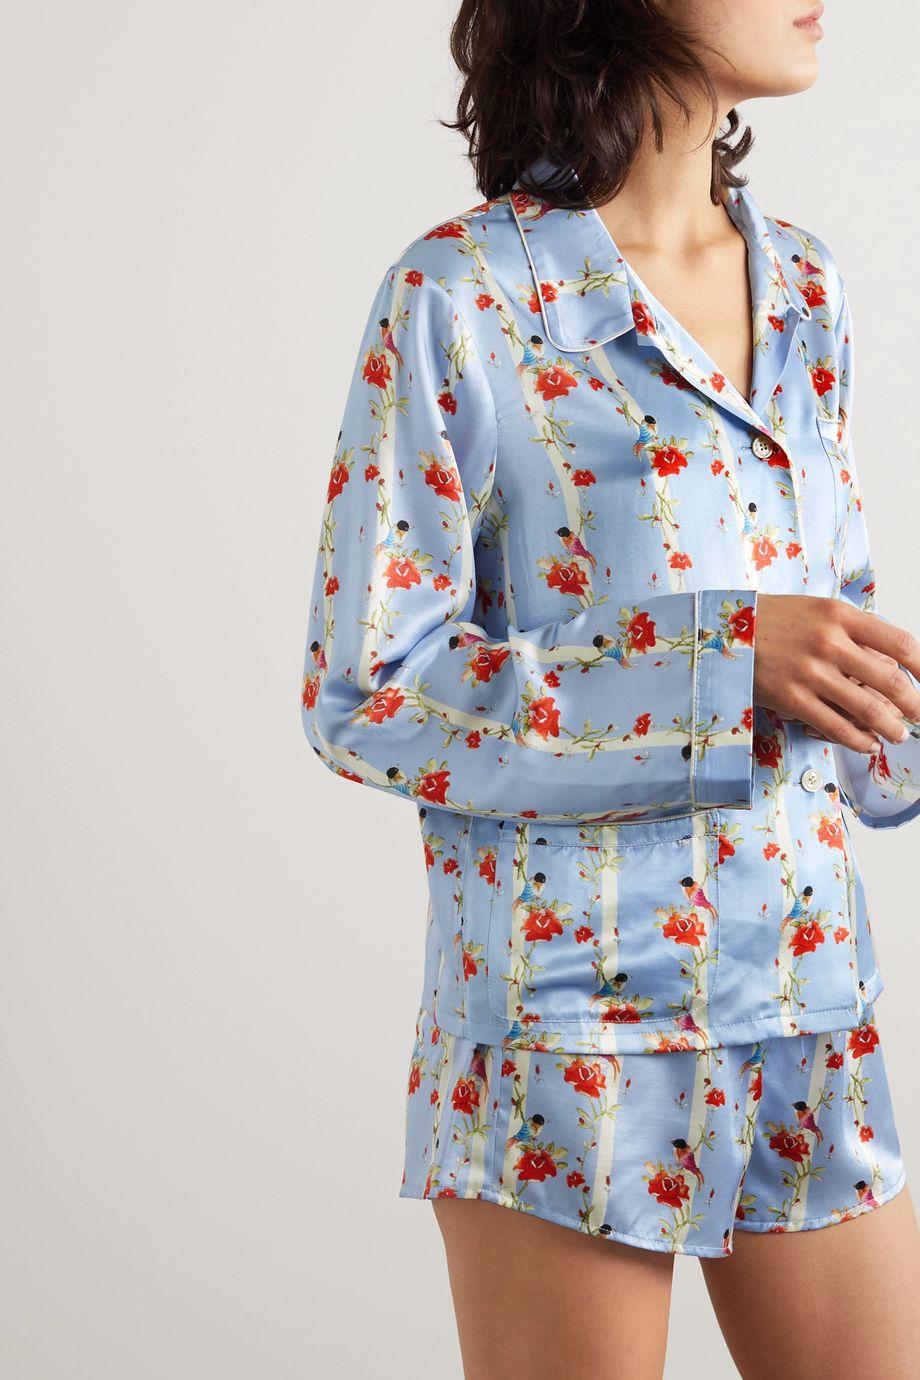 Morgan Lane Ruthie printed satin pajama shirt